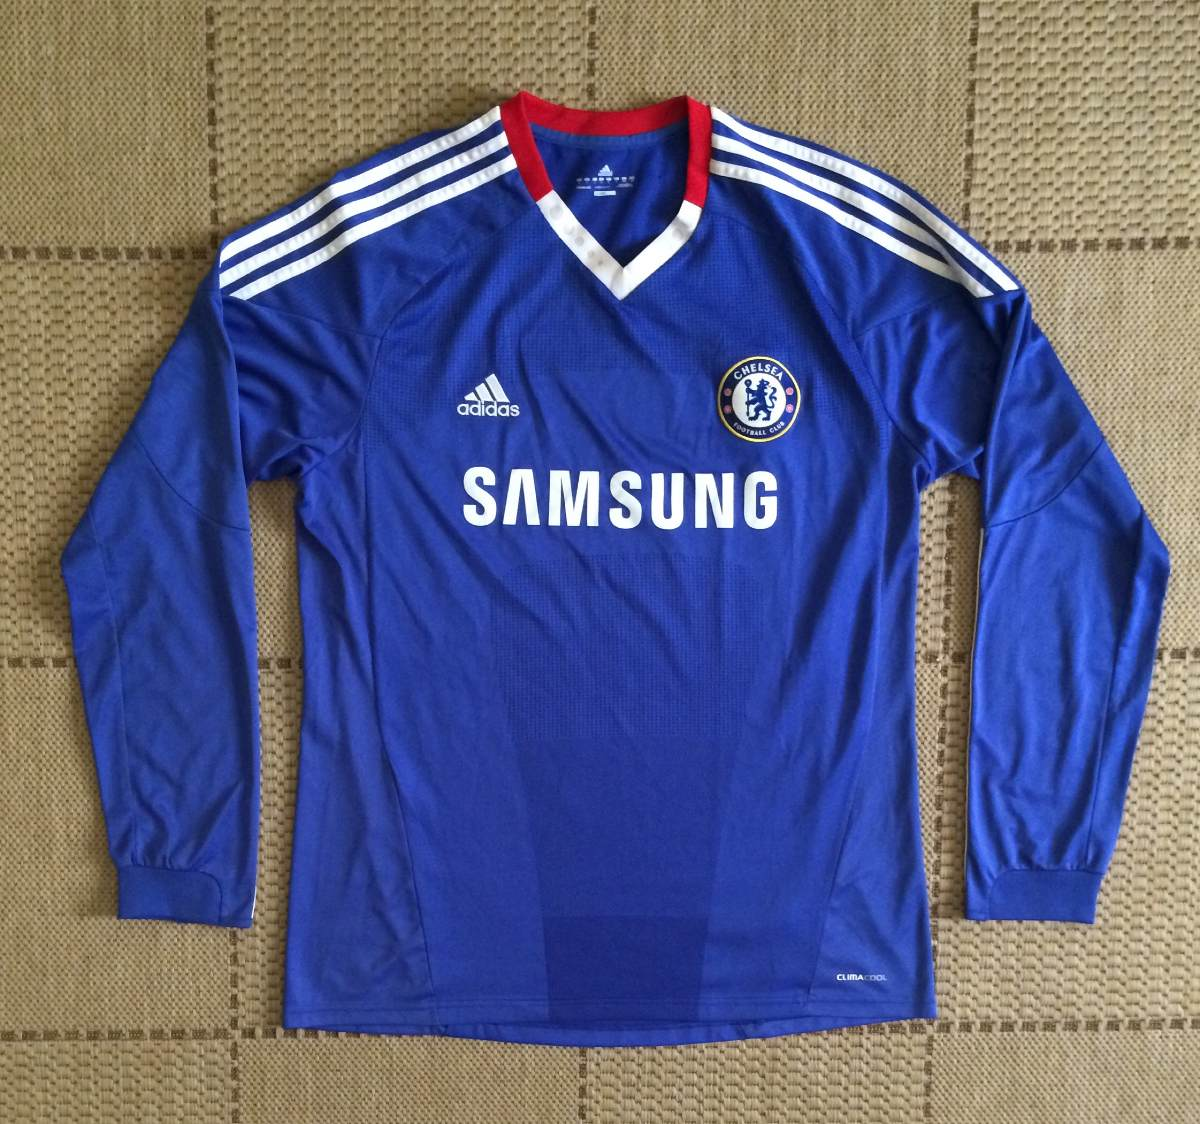 camisa original chelsea 2010 2011 home manga longa. Carregando zoom. 26caf326991a7